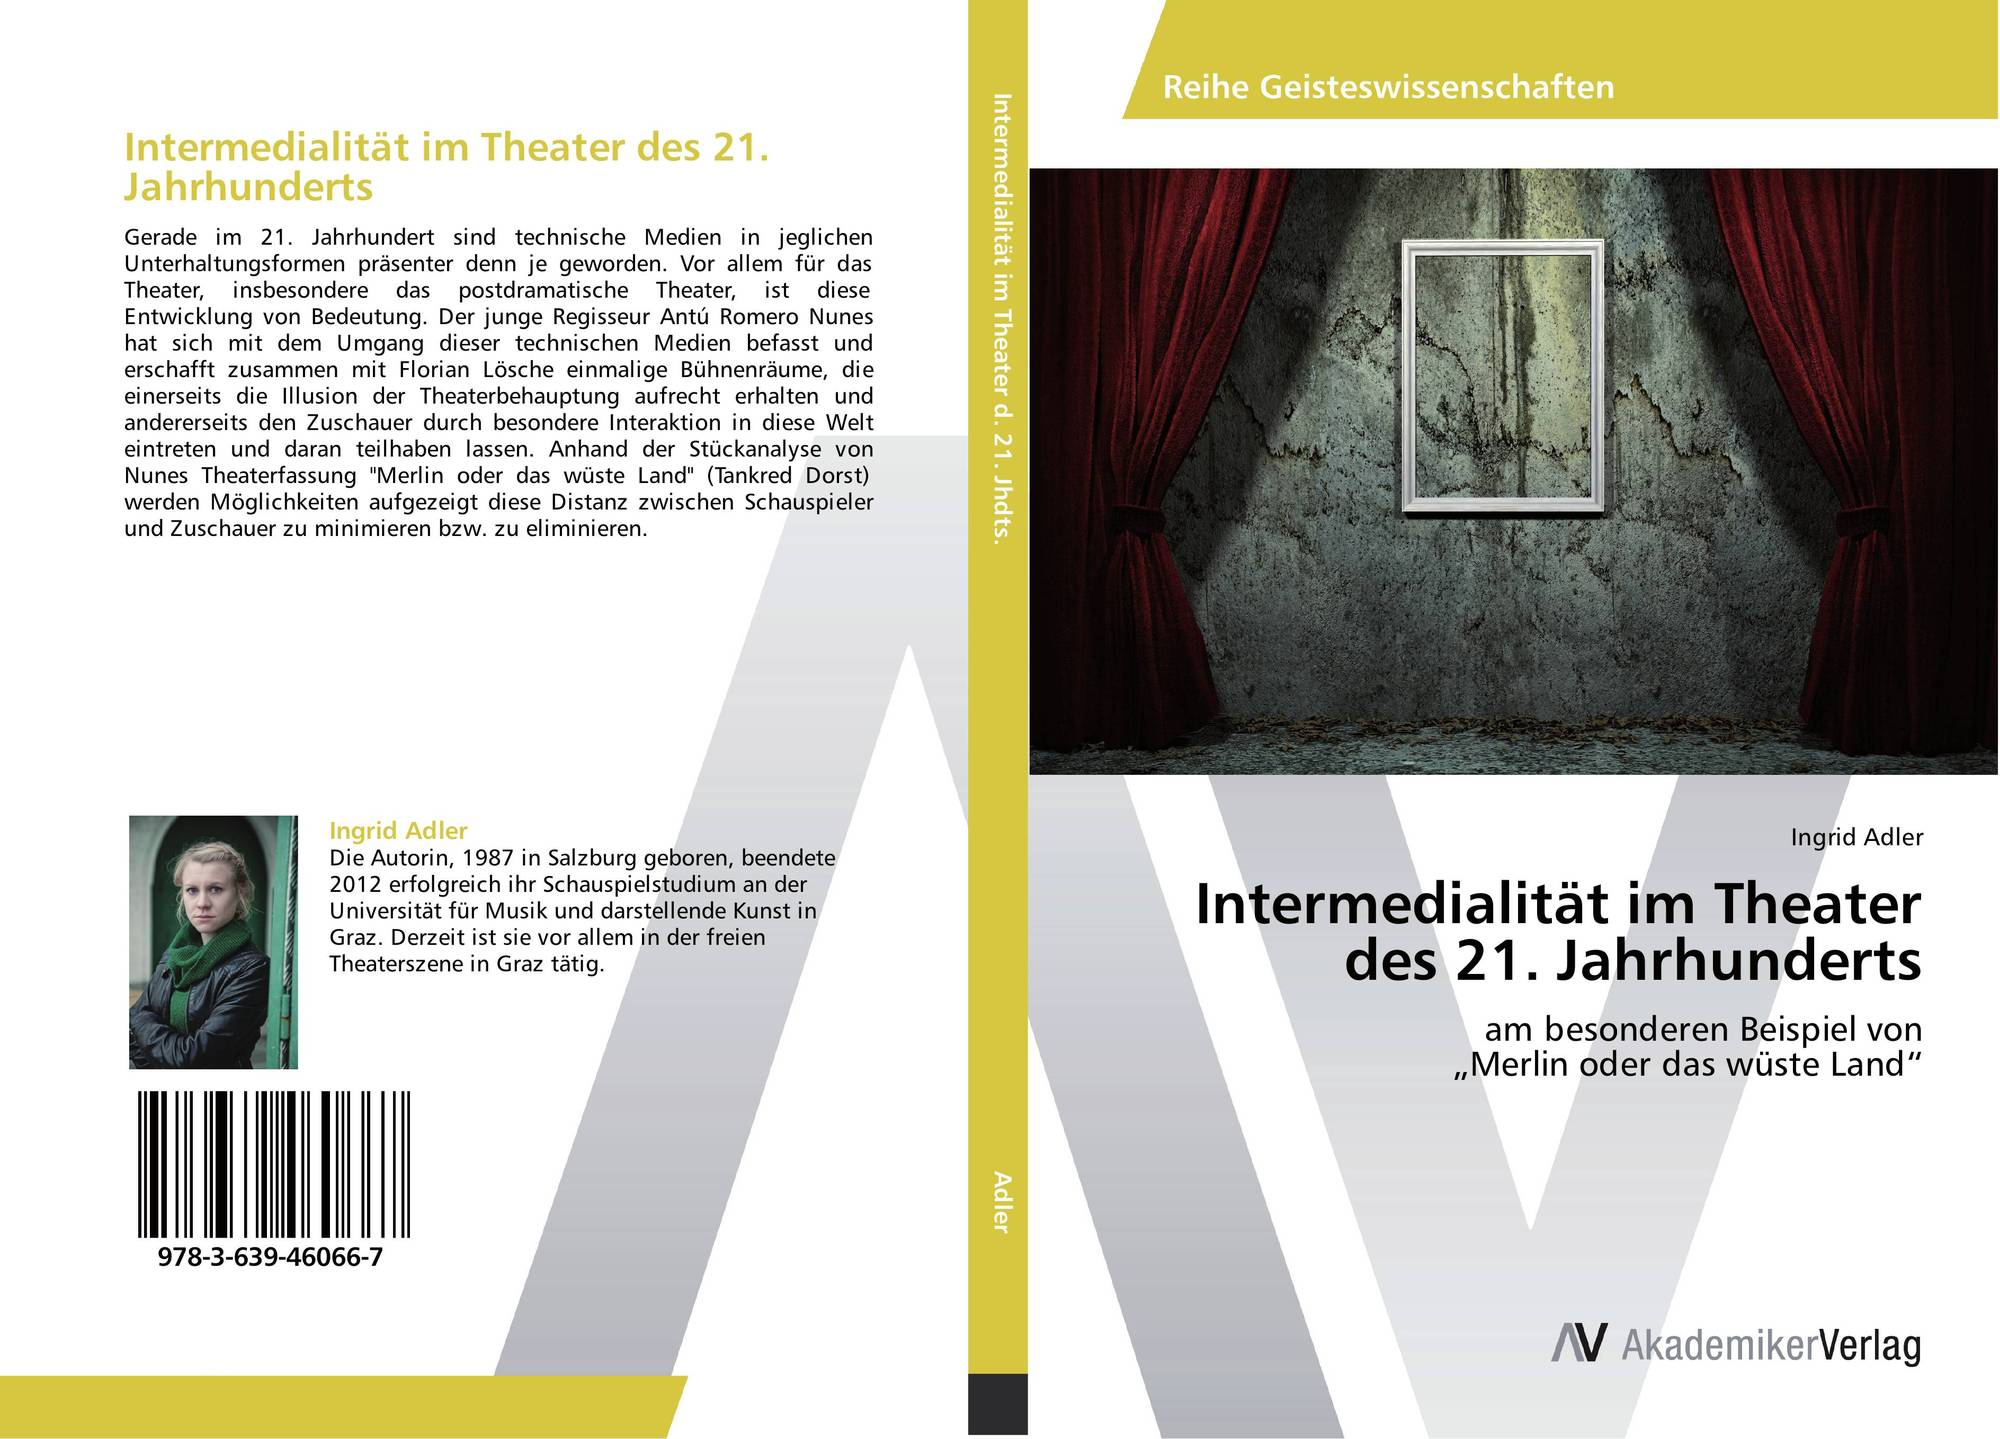 Intermedialit t im theater des 21 jahrhunderts 978 3 639 - Beruhmte architekten des 21 jahrhunderts ...